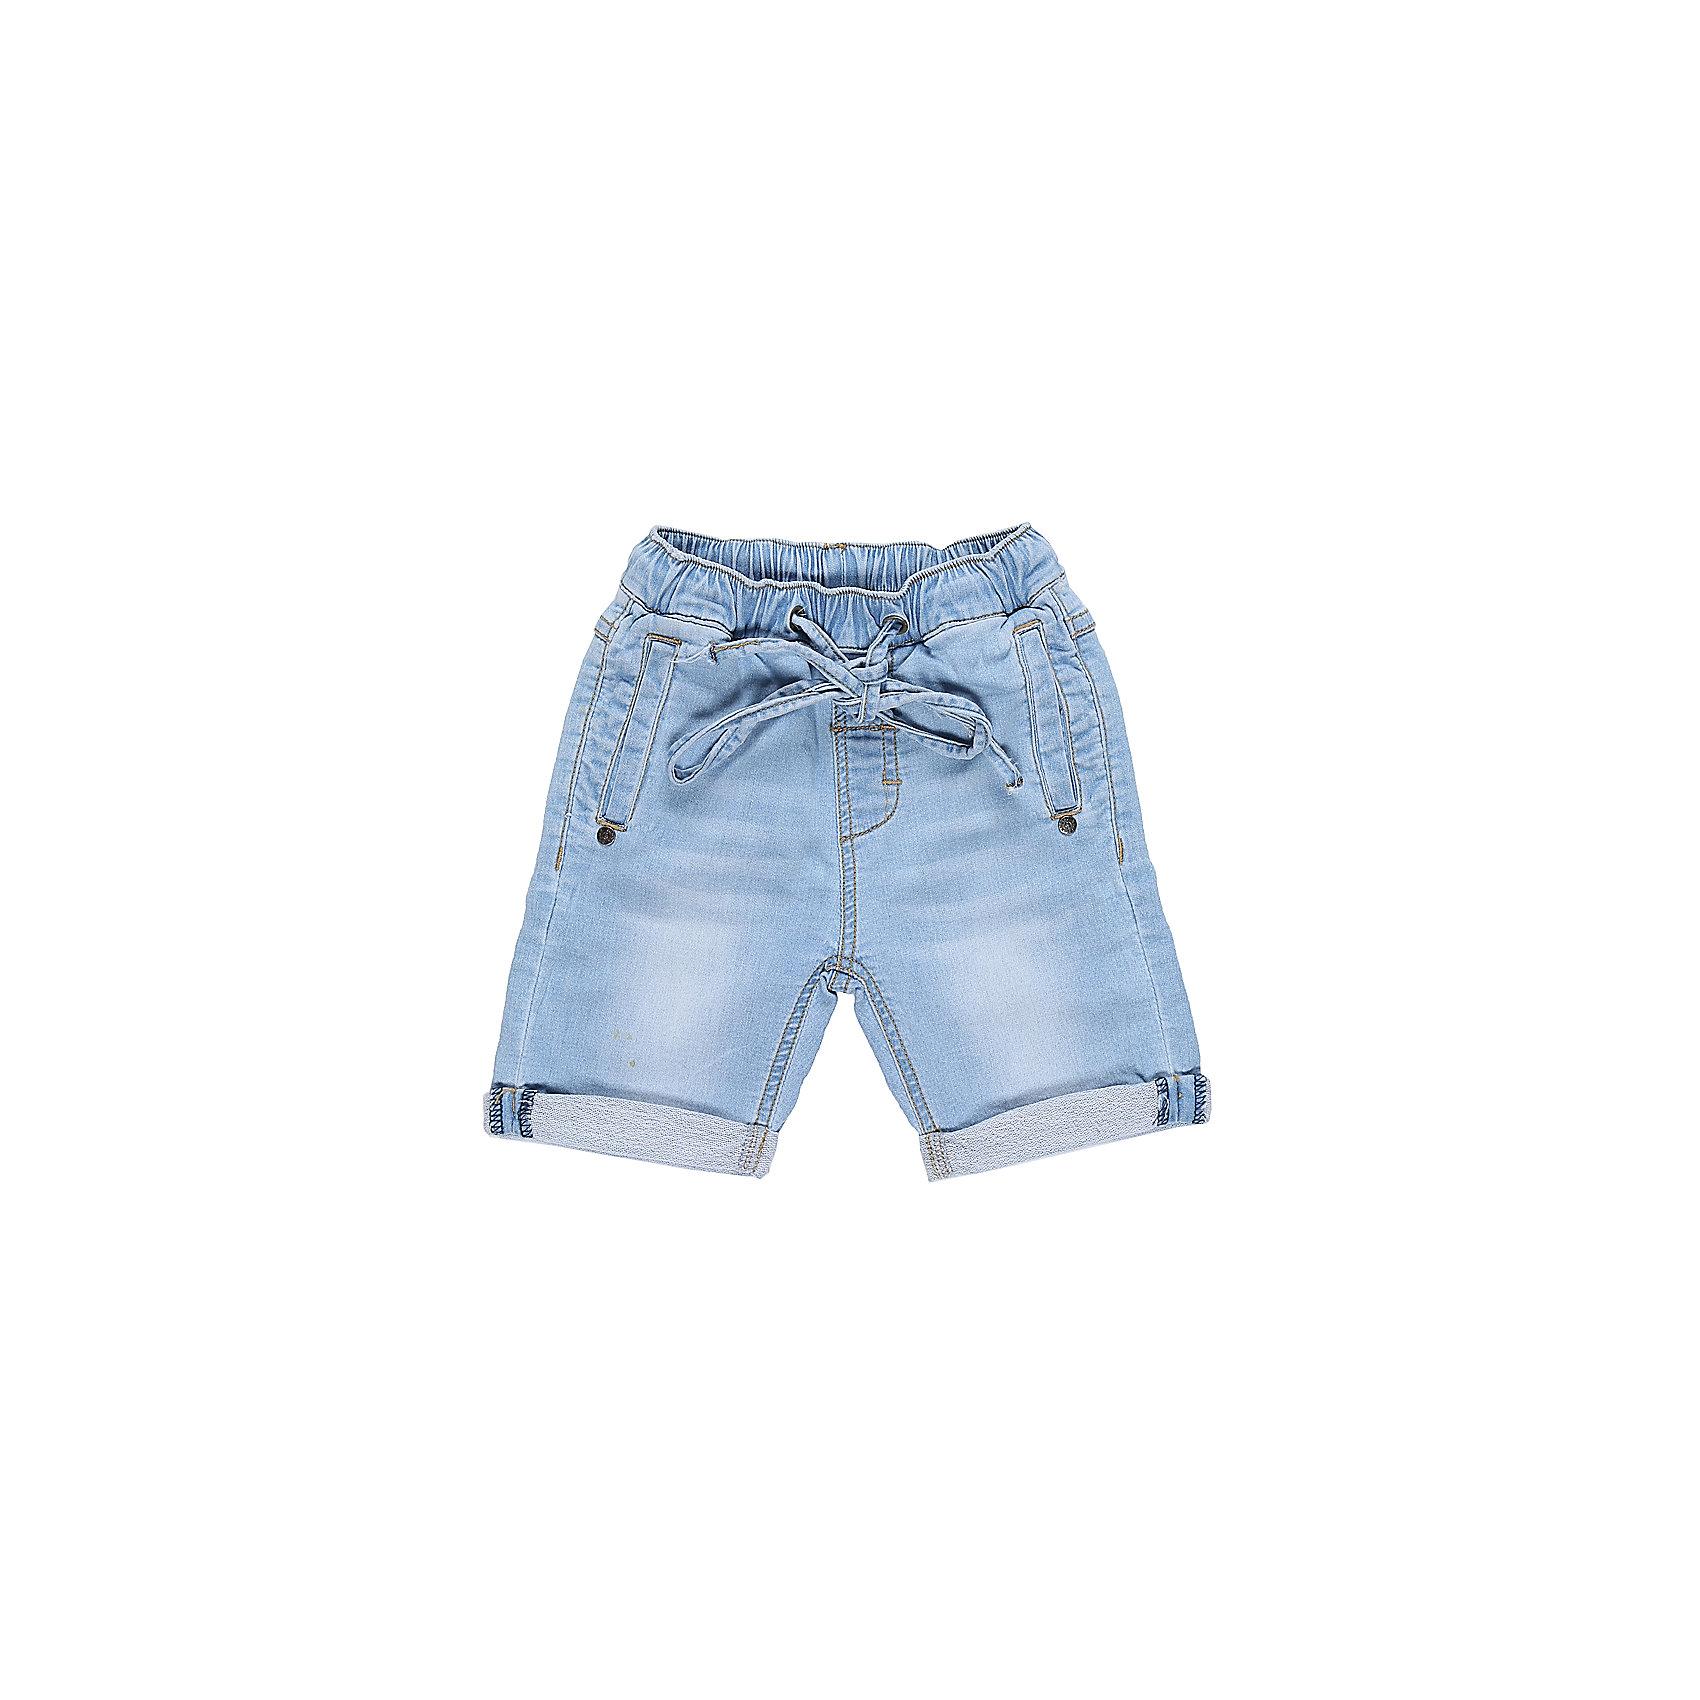 Шорты джинсовые для мальчика Sweet BerryДжинсовая одежда<br>Мягкие, трикотажные шорты с отворотом, под Джинсу для мальчика. Спереди два прорезных кармана. Пояс-резинка дополнен шнуром для регулирования объема.<br>Состав:<br>95% хлопок, 5% эластан<br><br>Ширина мм: 191<br>Глубина мм: 10<br>Высота мм: 175<br>Вес г: 273<br>Цвет: голубой<br>Возраст от месяцев: 12<br>Возраст до месяцев: 15<br>Пол: Мужской<br>Возраст: Детский<br>Размер: 80,86,92,98<br>SKU: 5411430